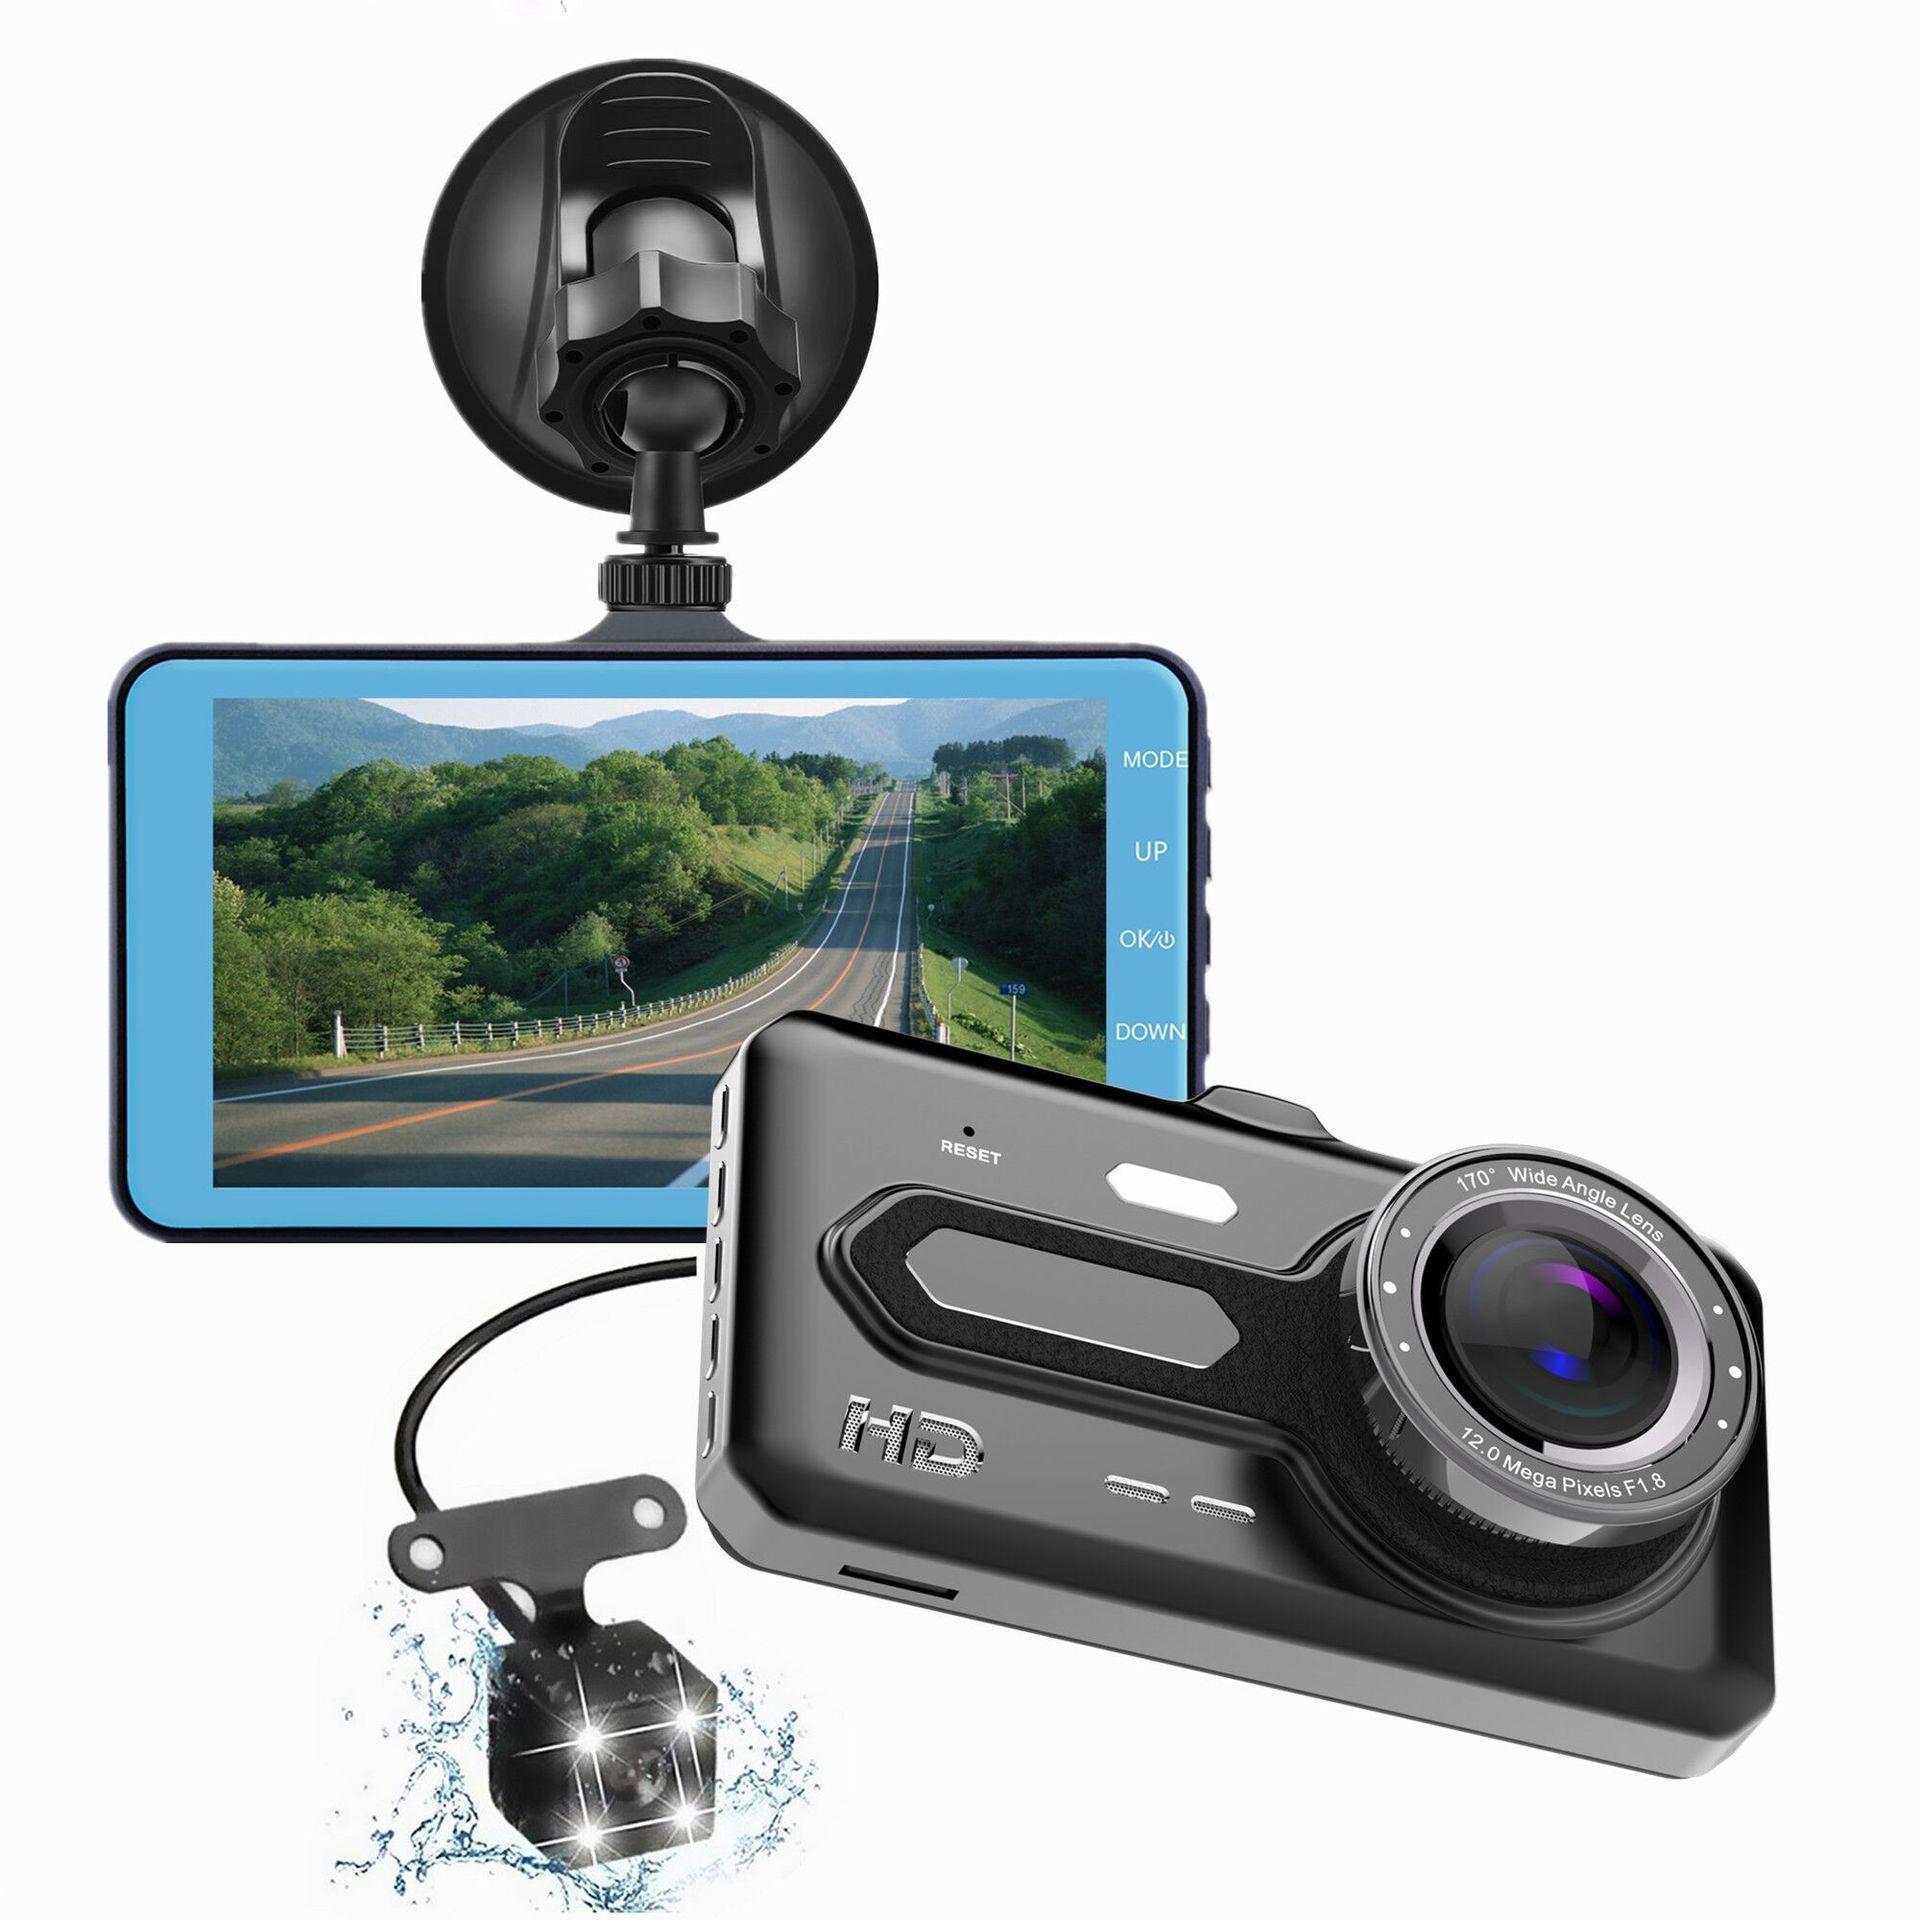 4寸高清触摸屏行车记录仪 前后双镜头夜视汽车相机锌合金记录仪